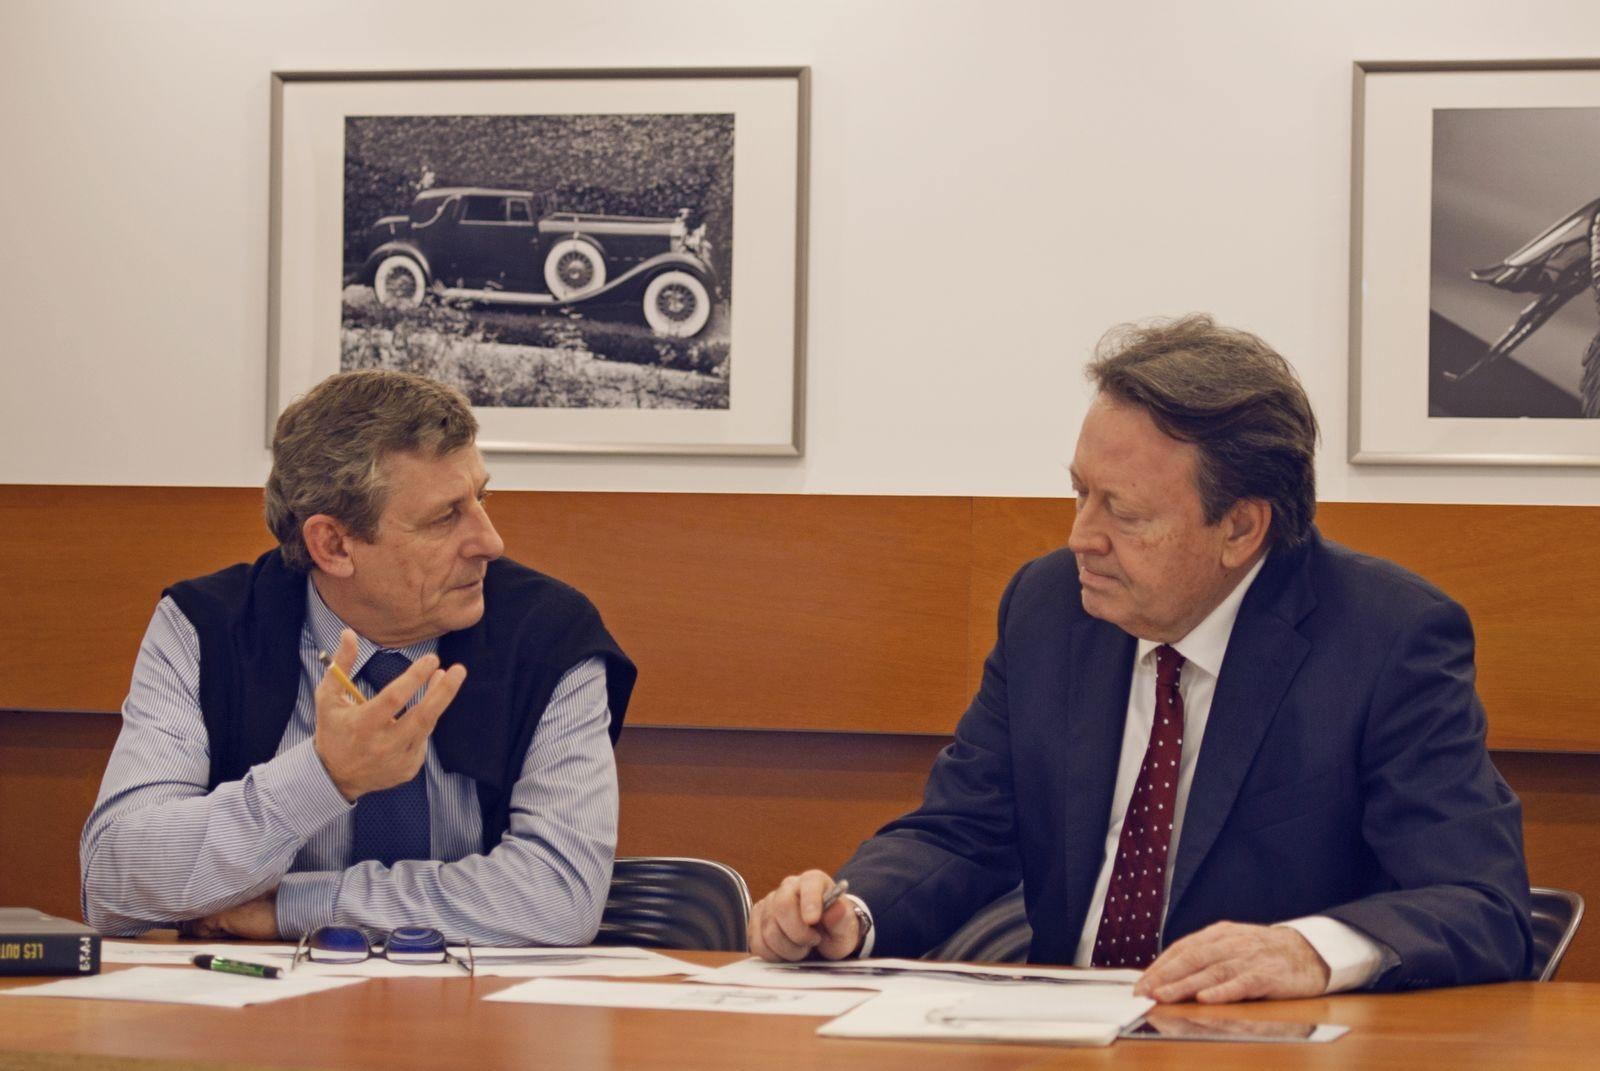 Оливье Буле (слева) и Эрвин Лео Химмель (справа) обсуждают дизайн нового спорткара Hispano Suiza.